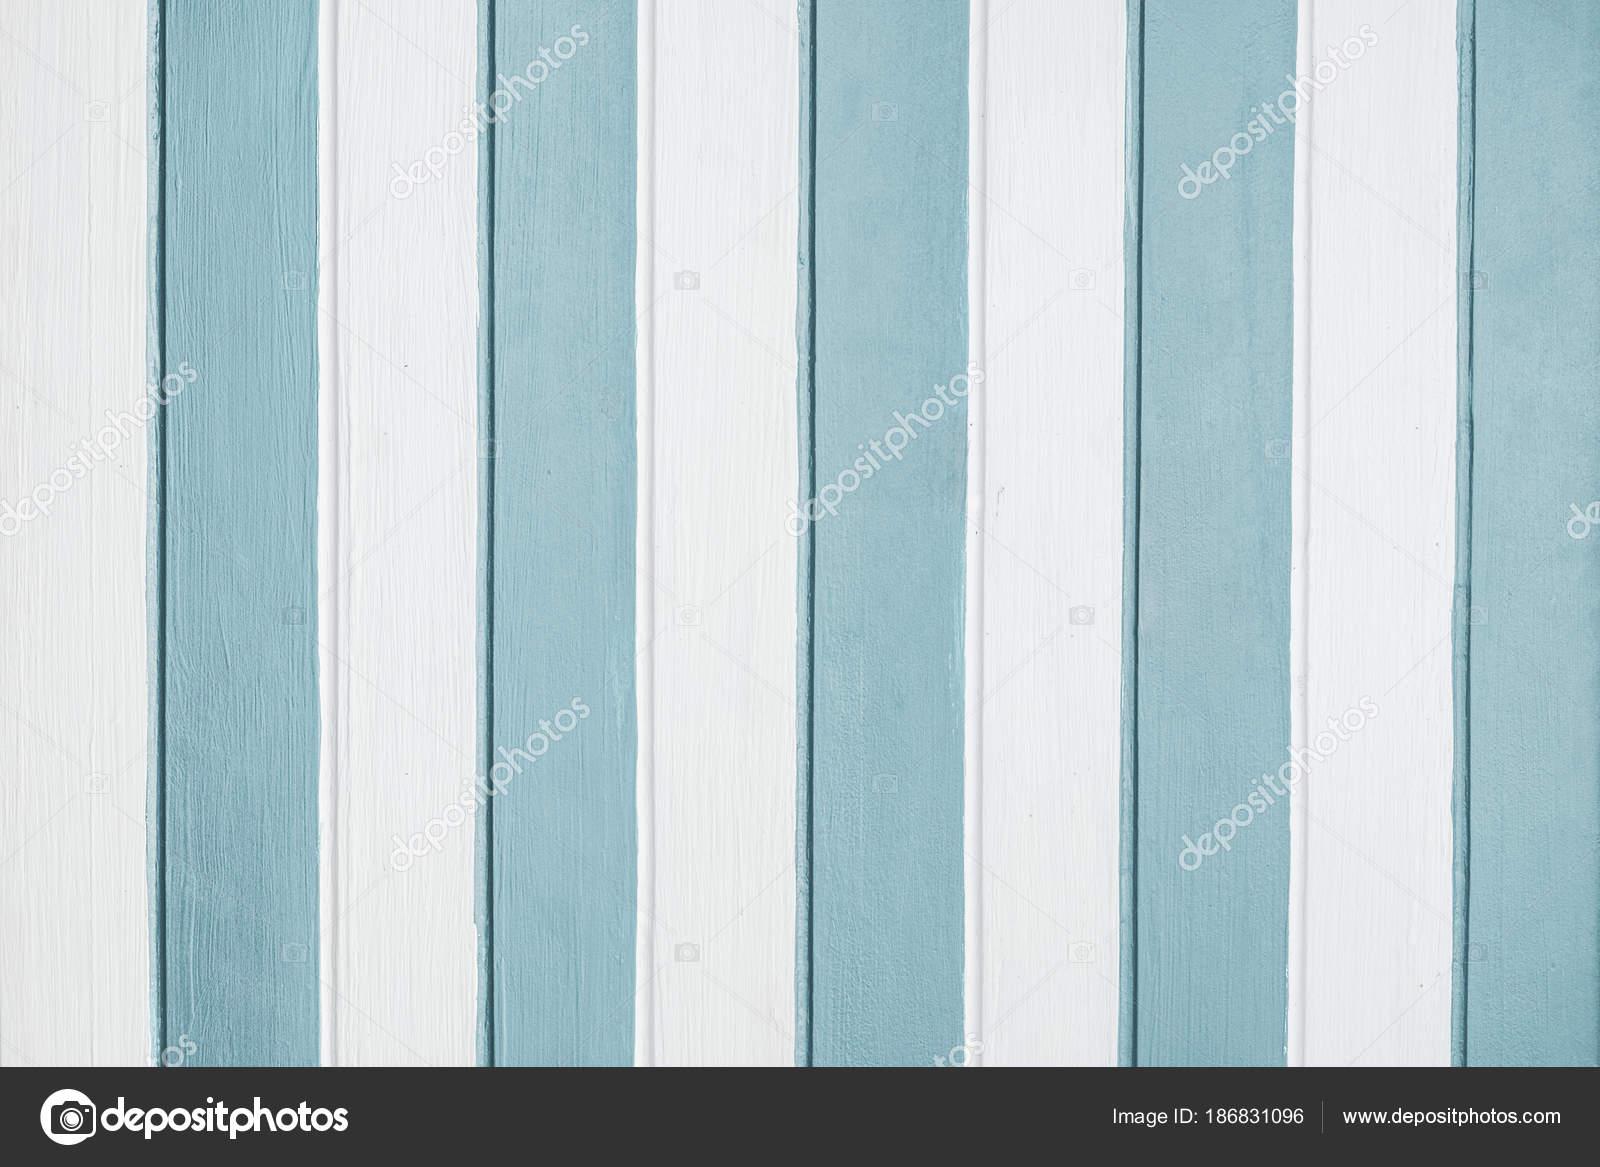 Pareti A Righe Blu : Parete di legno vernice righe bianche e blu verticali u foto stock